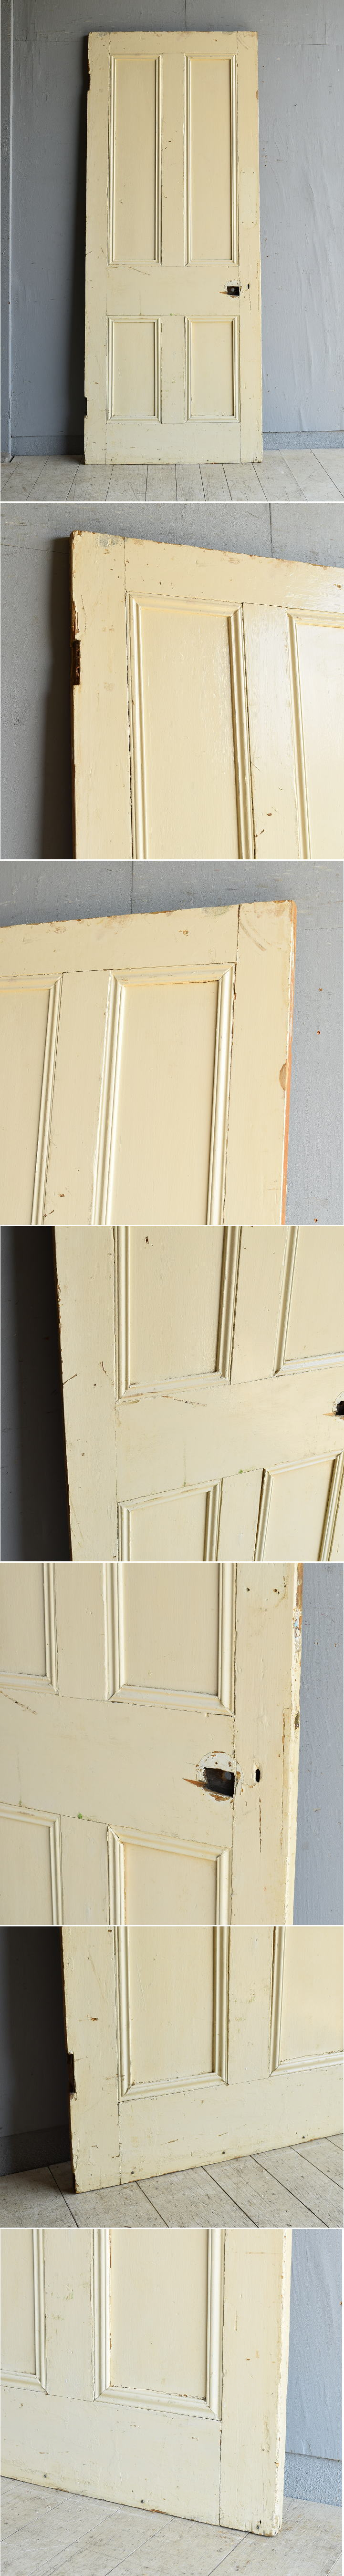 イギリス アンティーク ドア 扉 建具 8120